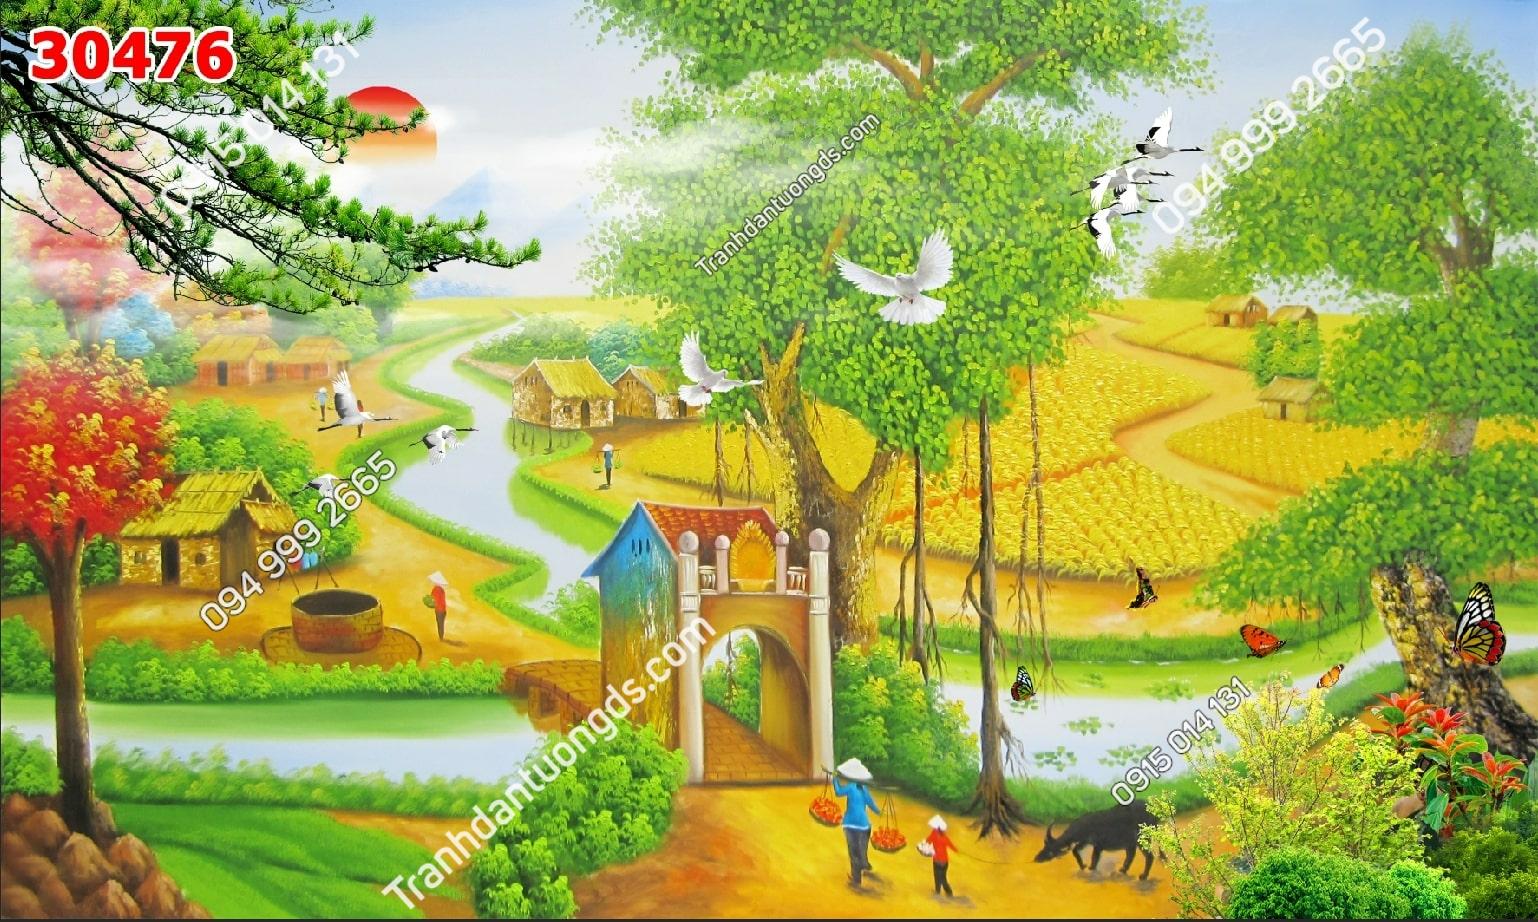 Tranh dán tường đồng quê kiểu vẽ 30475